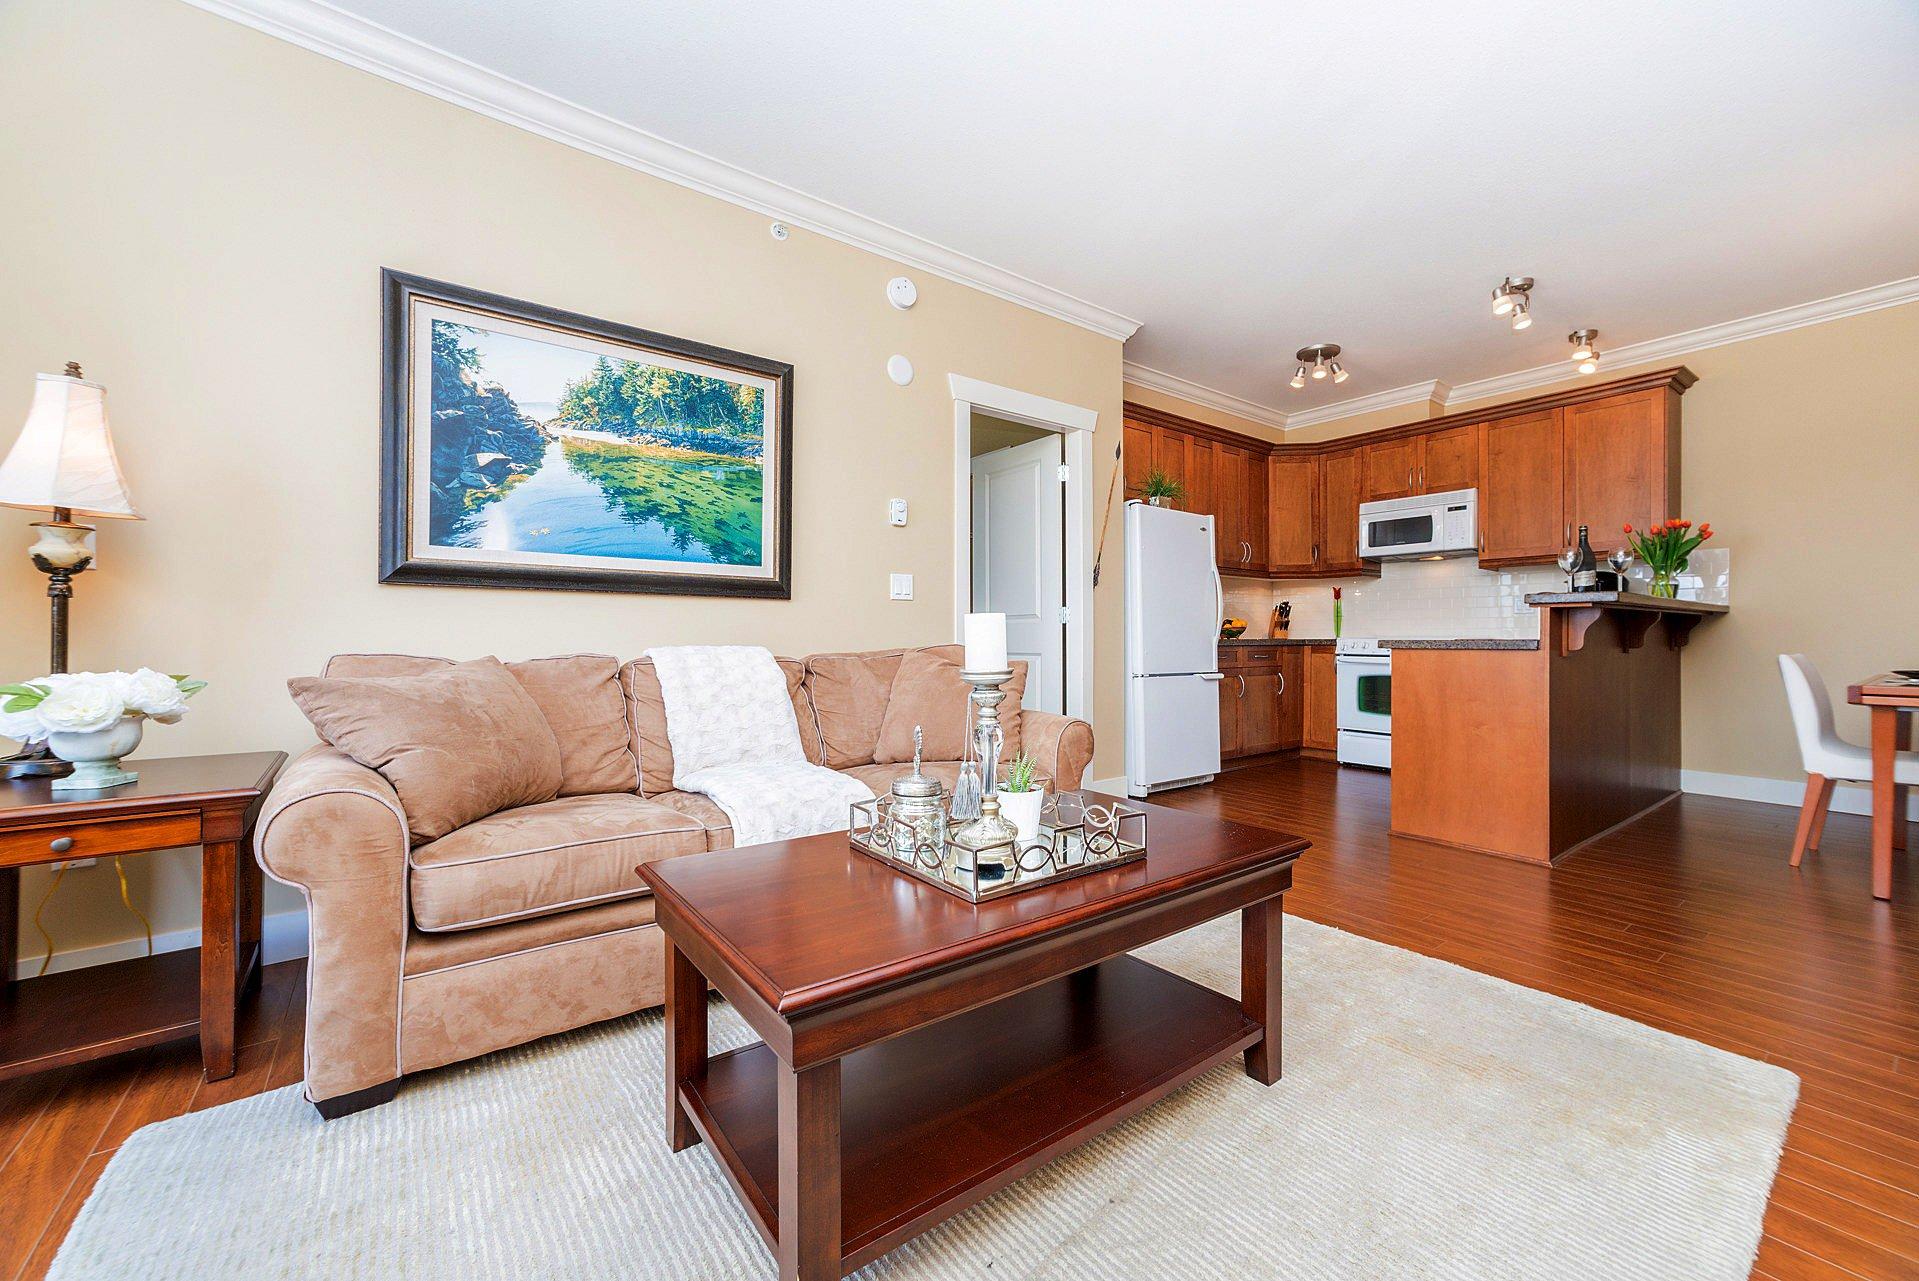 """Photo 3: Photos: 408 15368 17A Avenue in Surrey: King George Corridor Condo for sale in """"OCEAN WYNDE"""" (South Surrey White Rock)  : MLS®# R2249492"""